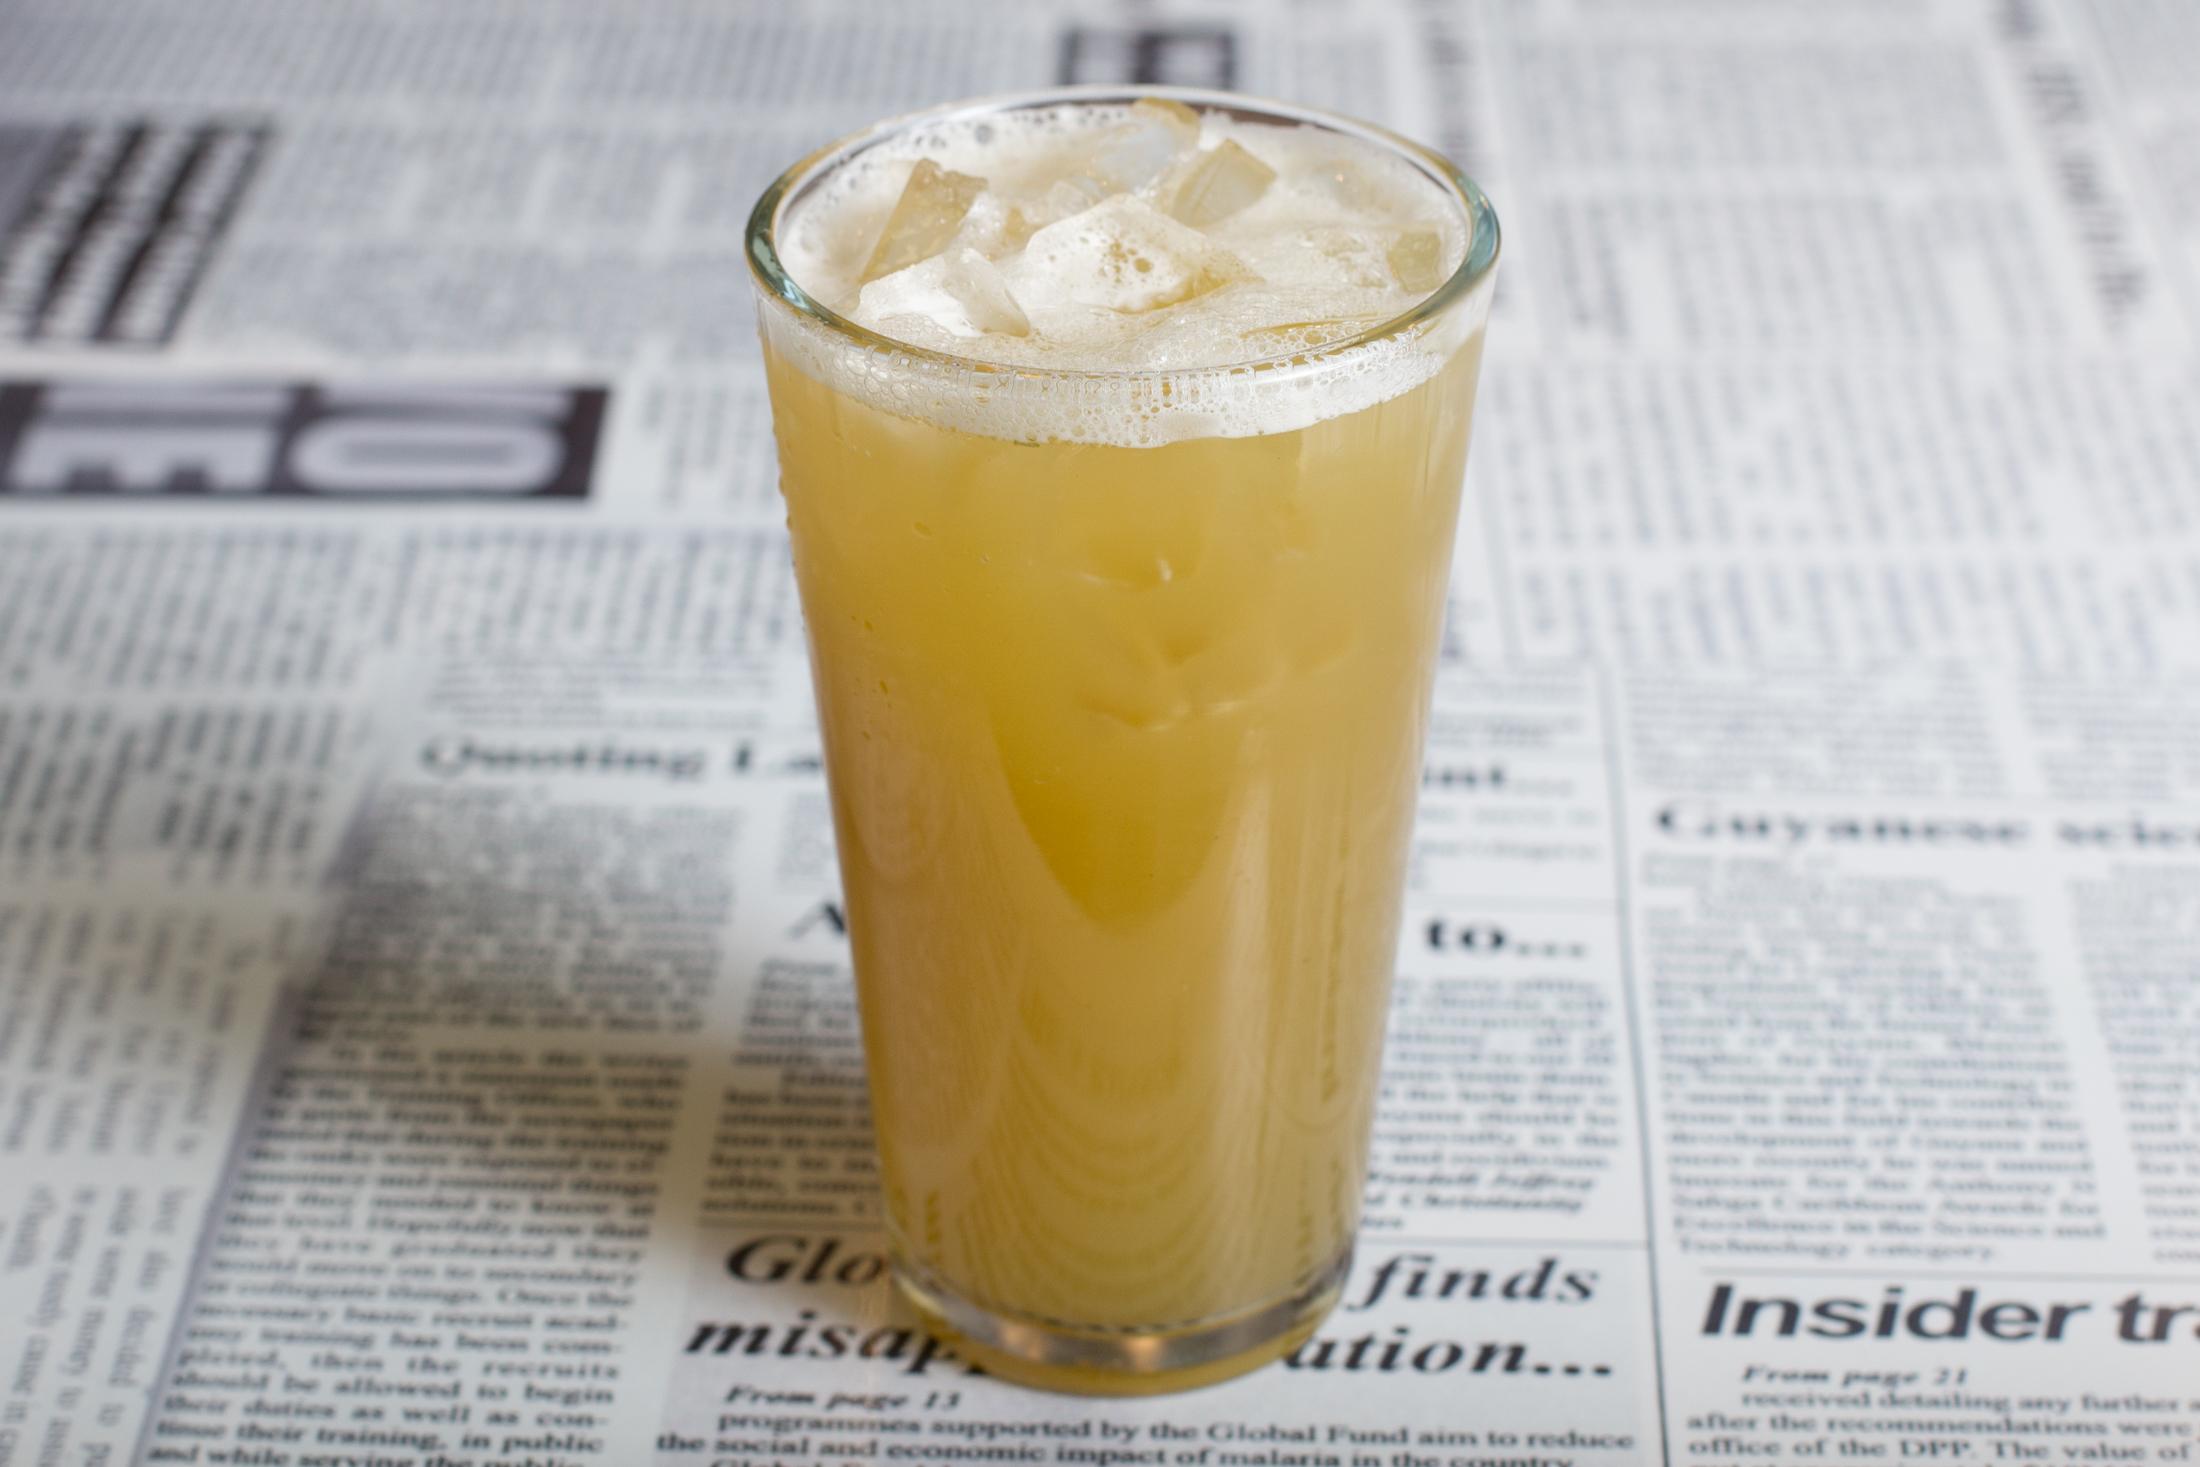 Cane Juice